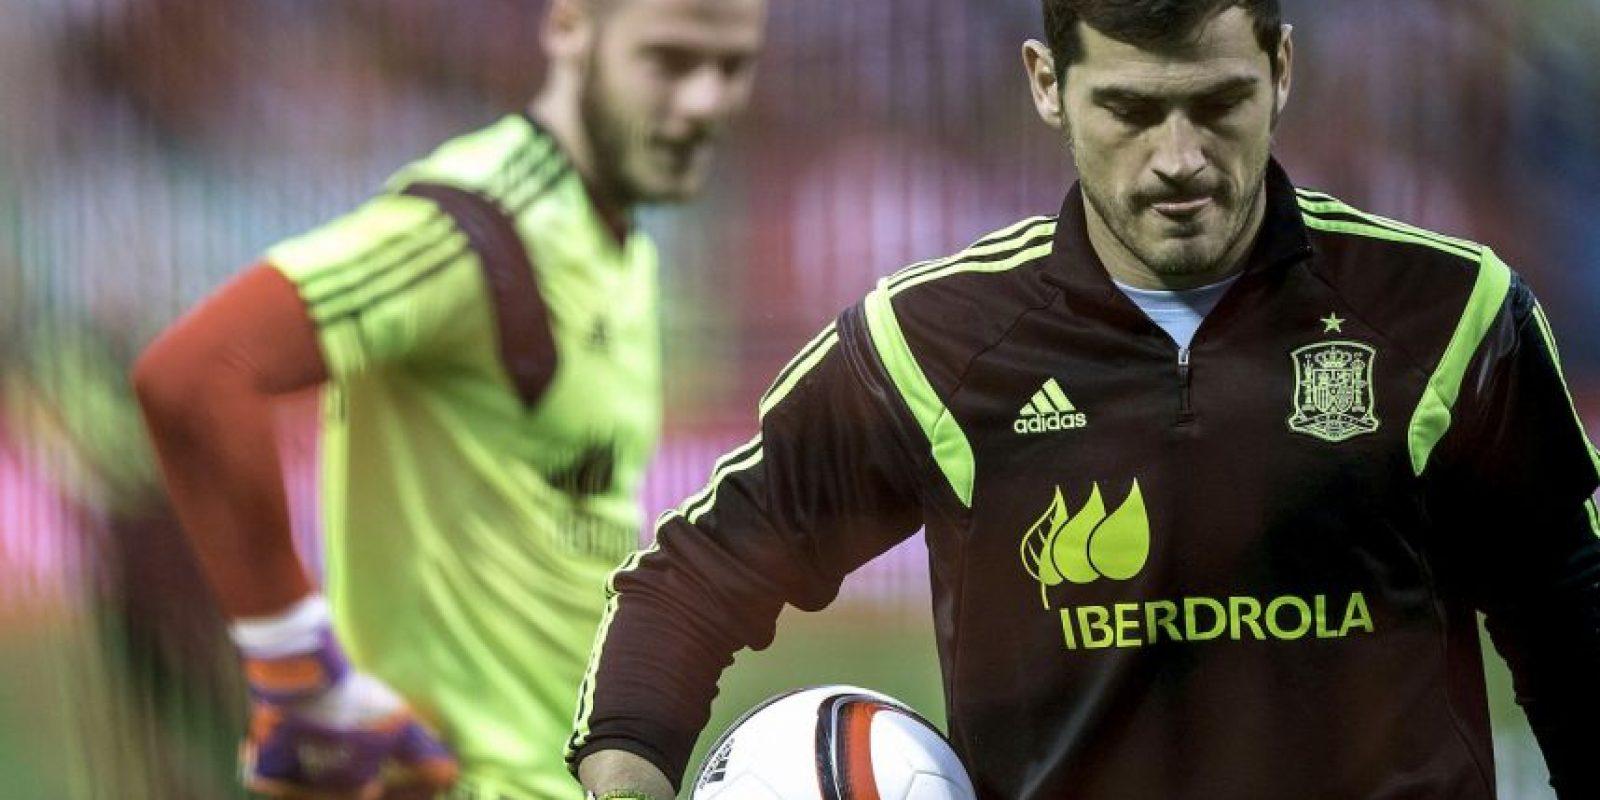 El portero español no quiere ser suplente de Iker Casillas ni pelear con él por la titularidad en el cuadro merengue. Foto:Getty Images